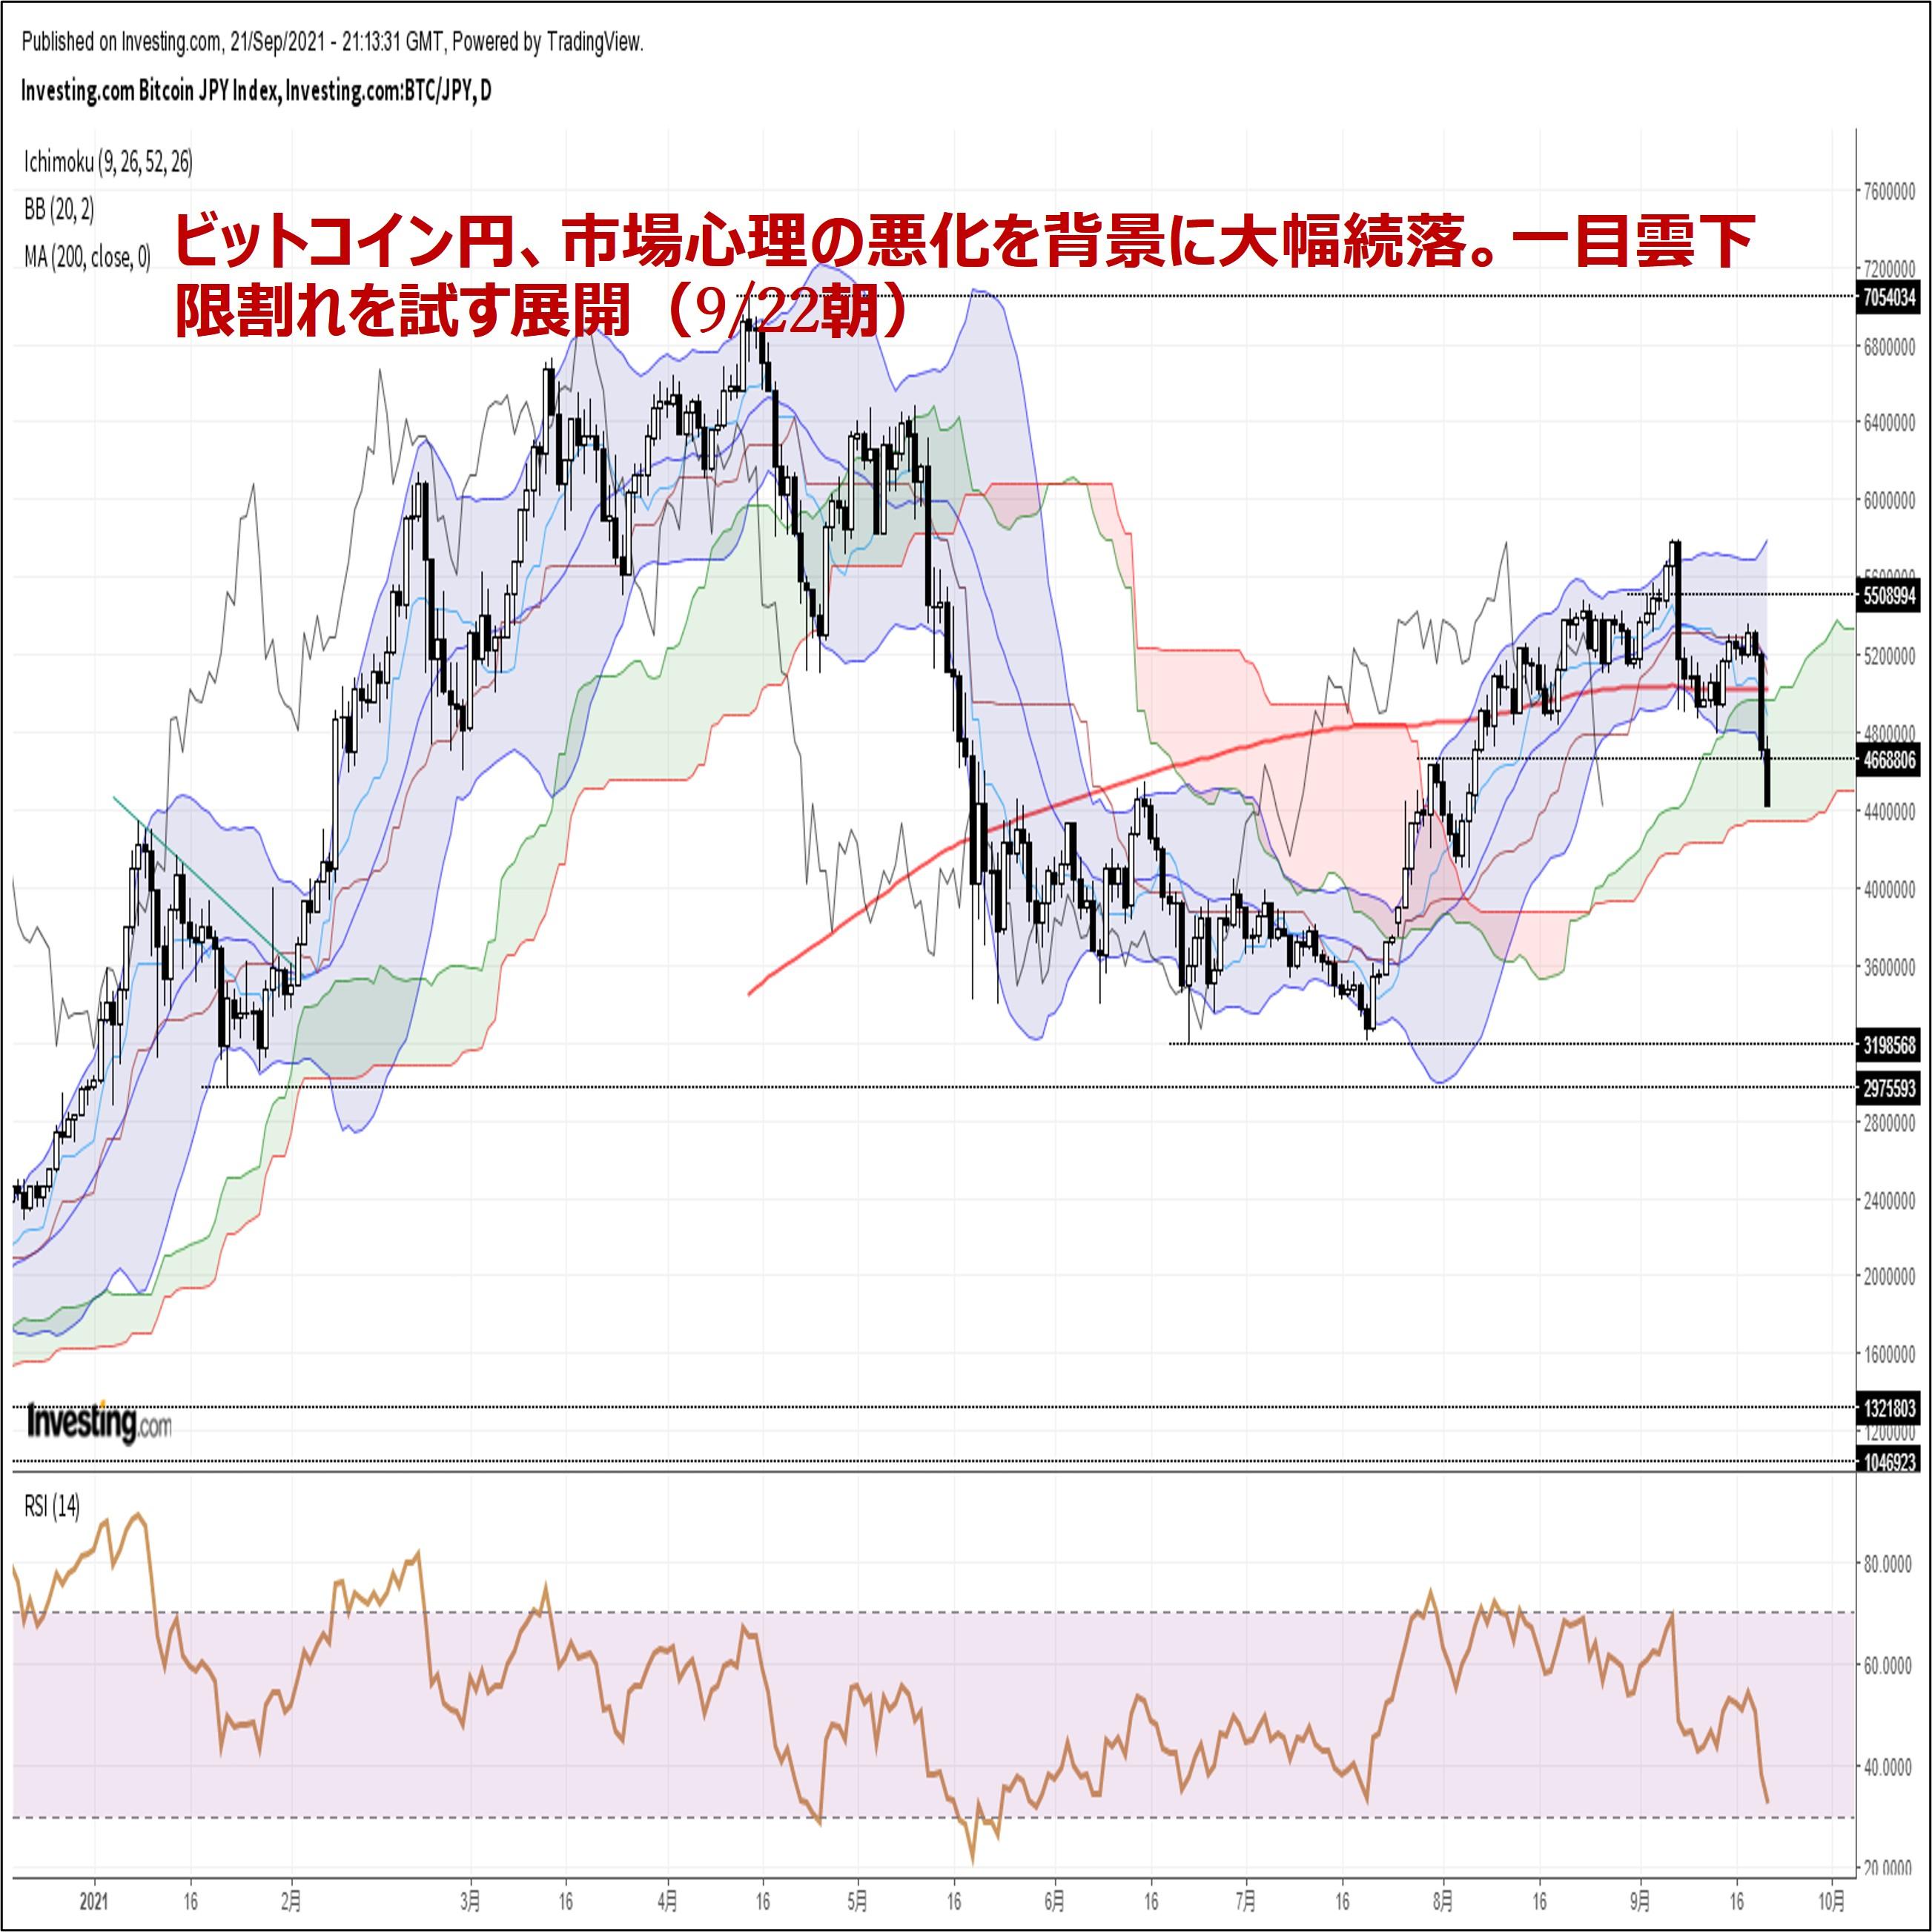 ビットコイン円、市場心理の悪化を背景に大幅続落。一目雲下限割れを試す展開